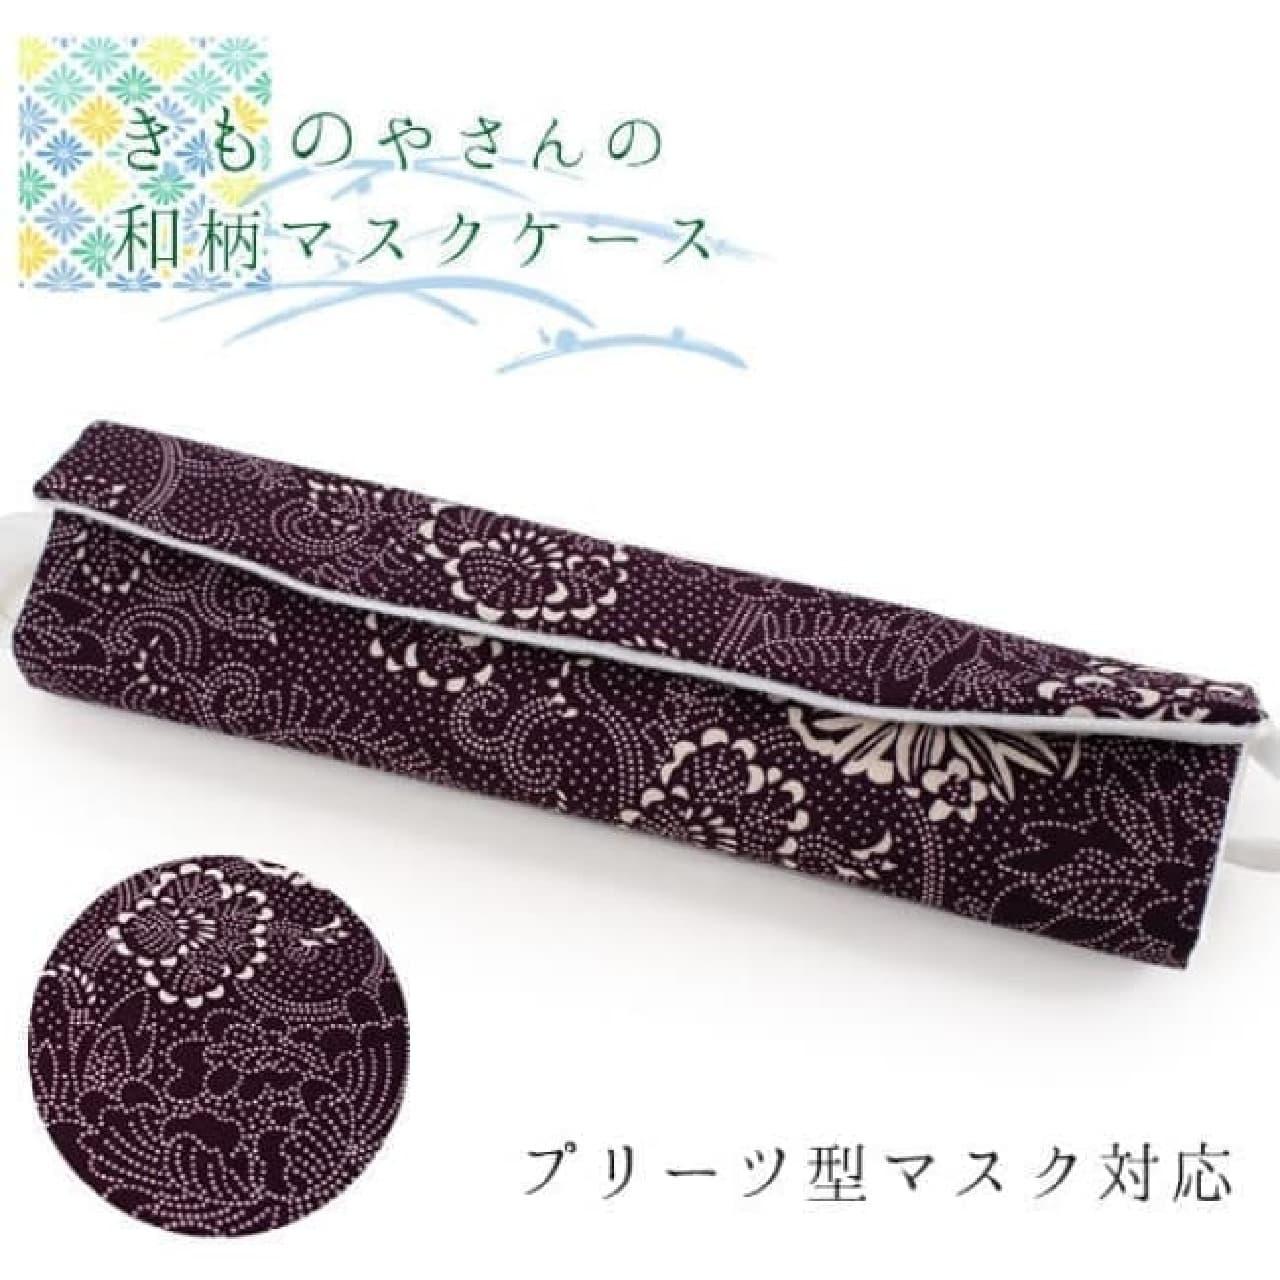 おしゃれな和柄のマスクケースが京都 きもの京小町から -- 抗菌加工&洗濯OK